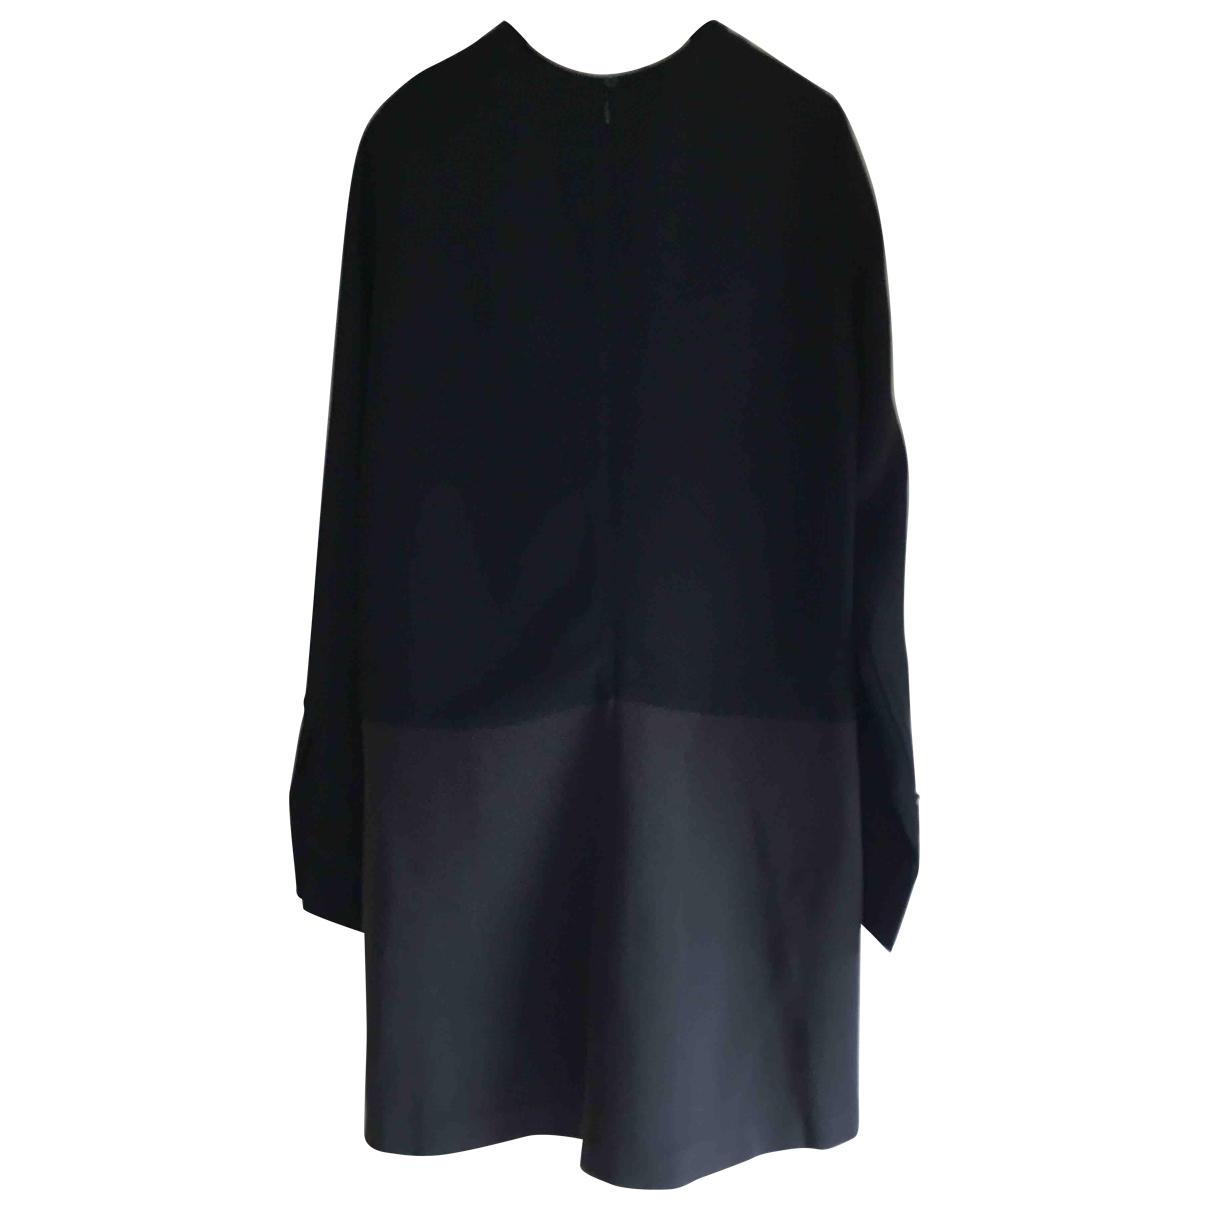 Stella Mccartney \N Black Wool dress for Women 42 IT